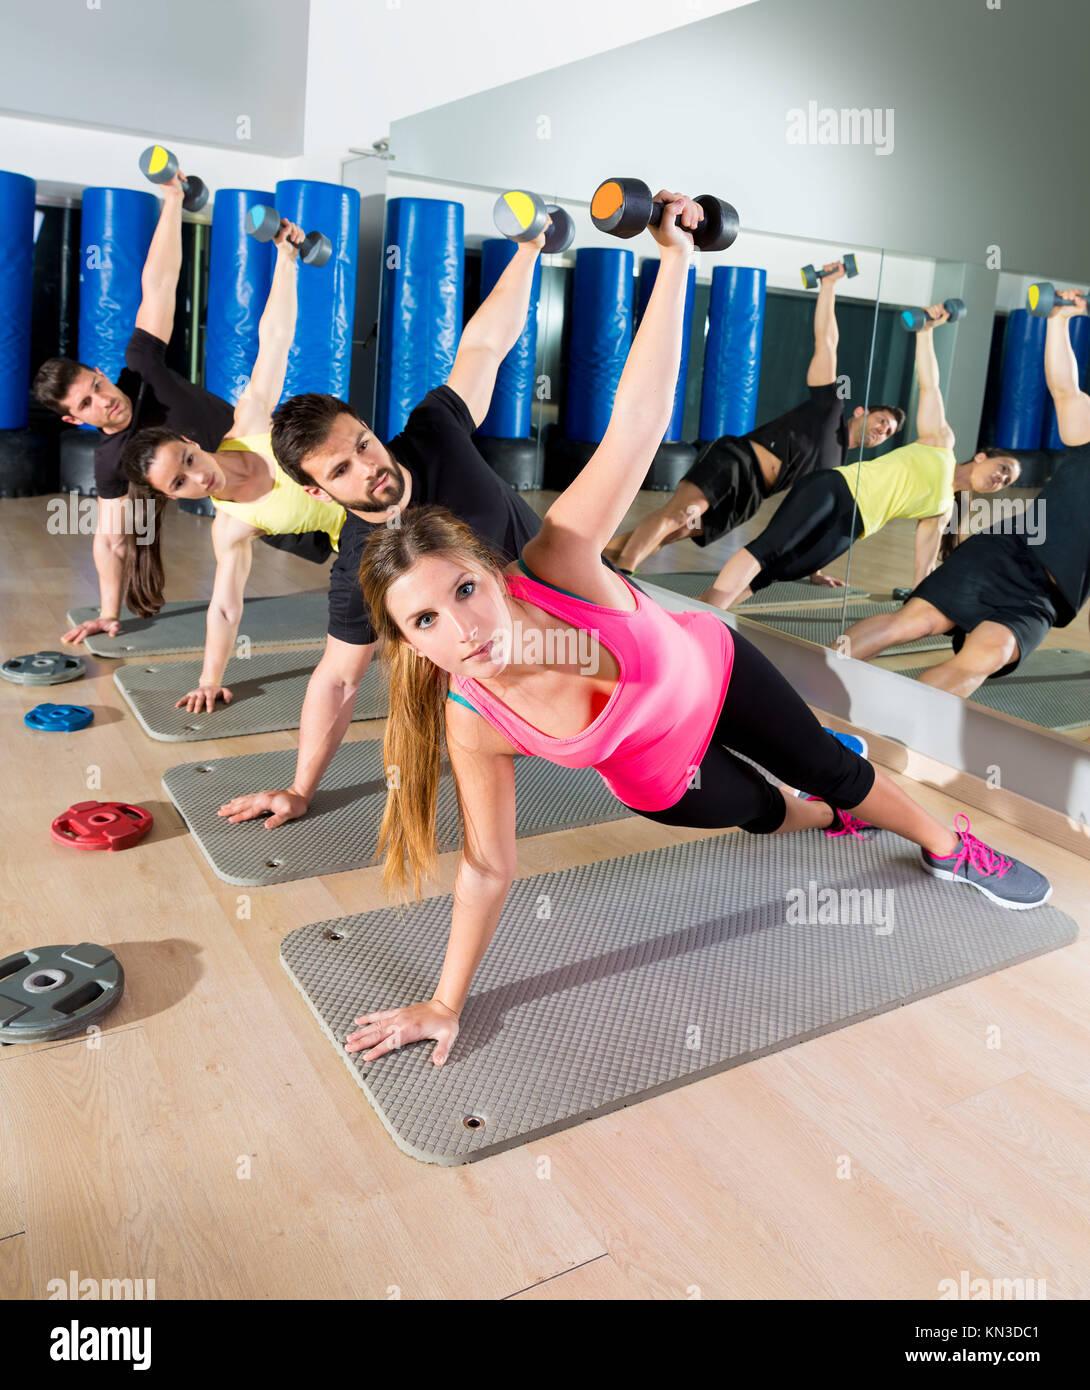 Pesa push up grupo funcional del circuito de entrenamiento en el gimnasio. Imagen De Stock